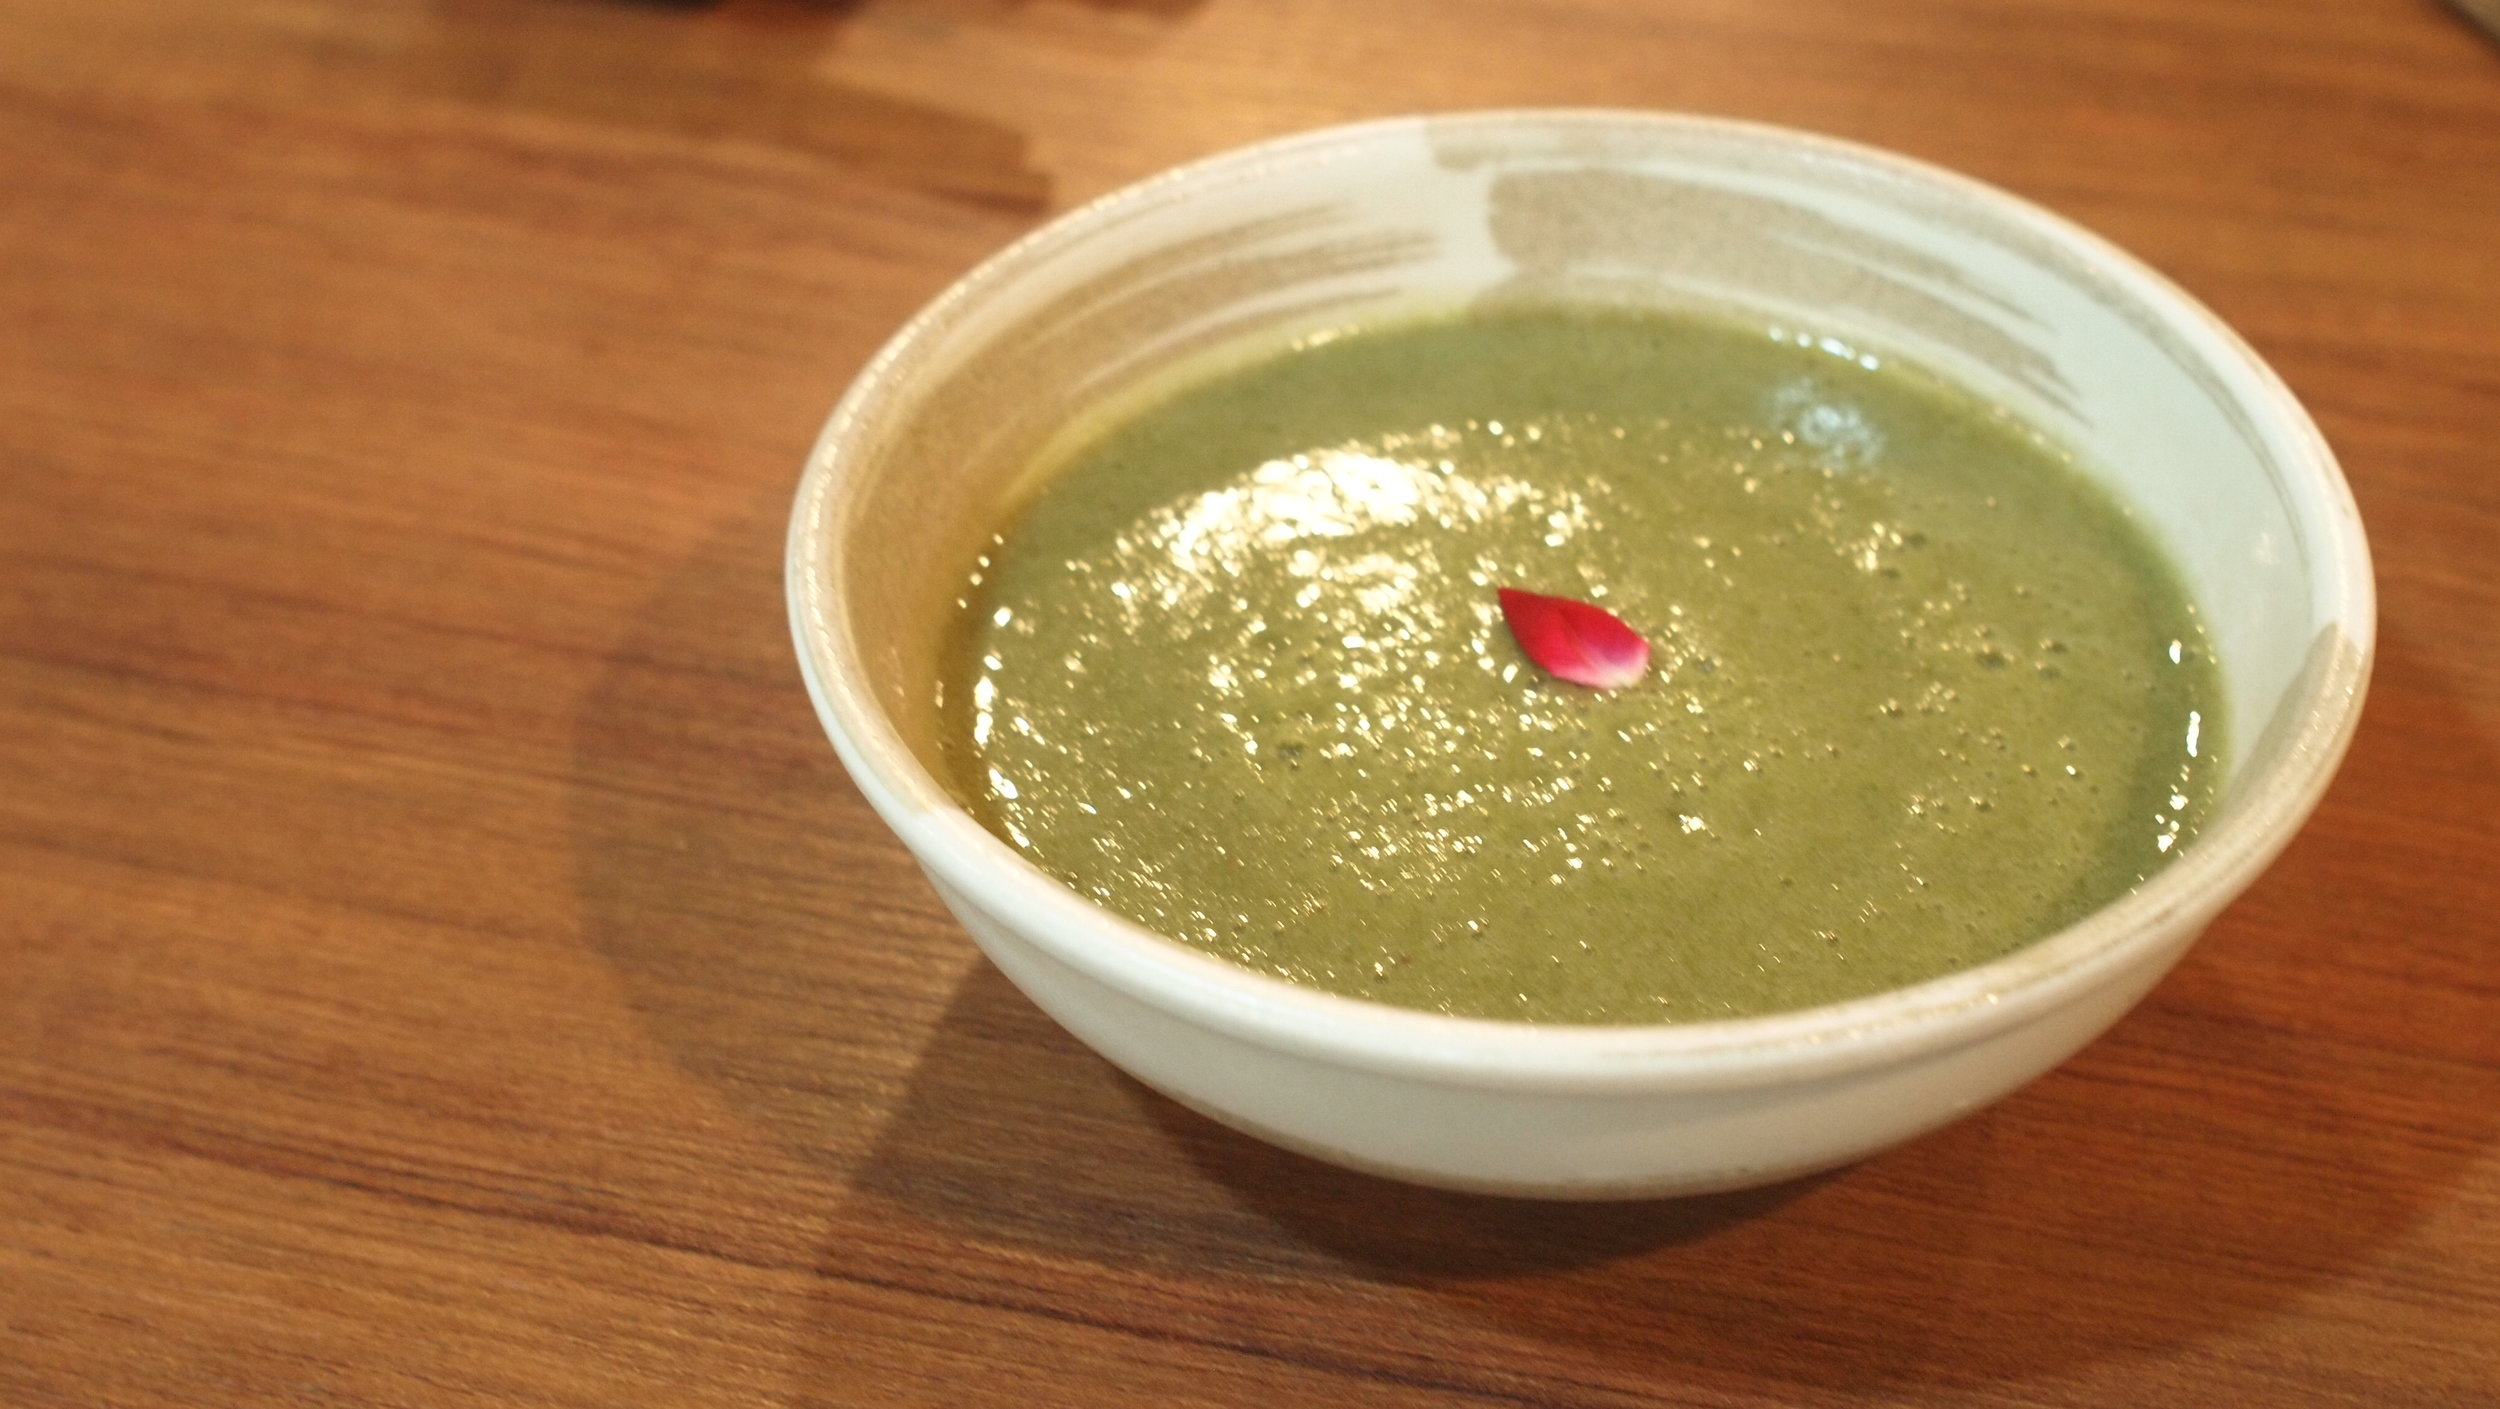 餐湯 : 綠果菜露 Green Smoothies - 綠野林的綠果菜露主要由香蕪、綠色蔬菜、菠蘿、和芒果等天然蔬果搞拌混合而成,口感有一點像芝麻糊,既是smoothies亦是raw food界的餐湯。